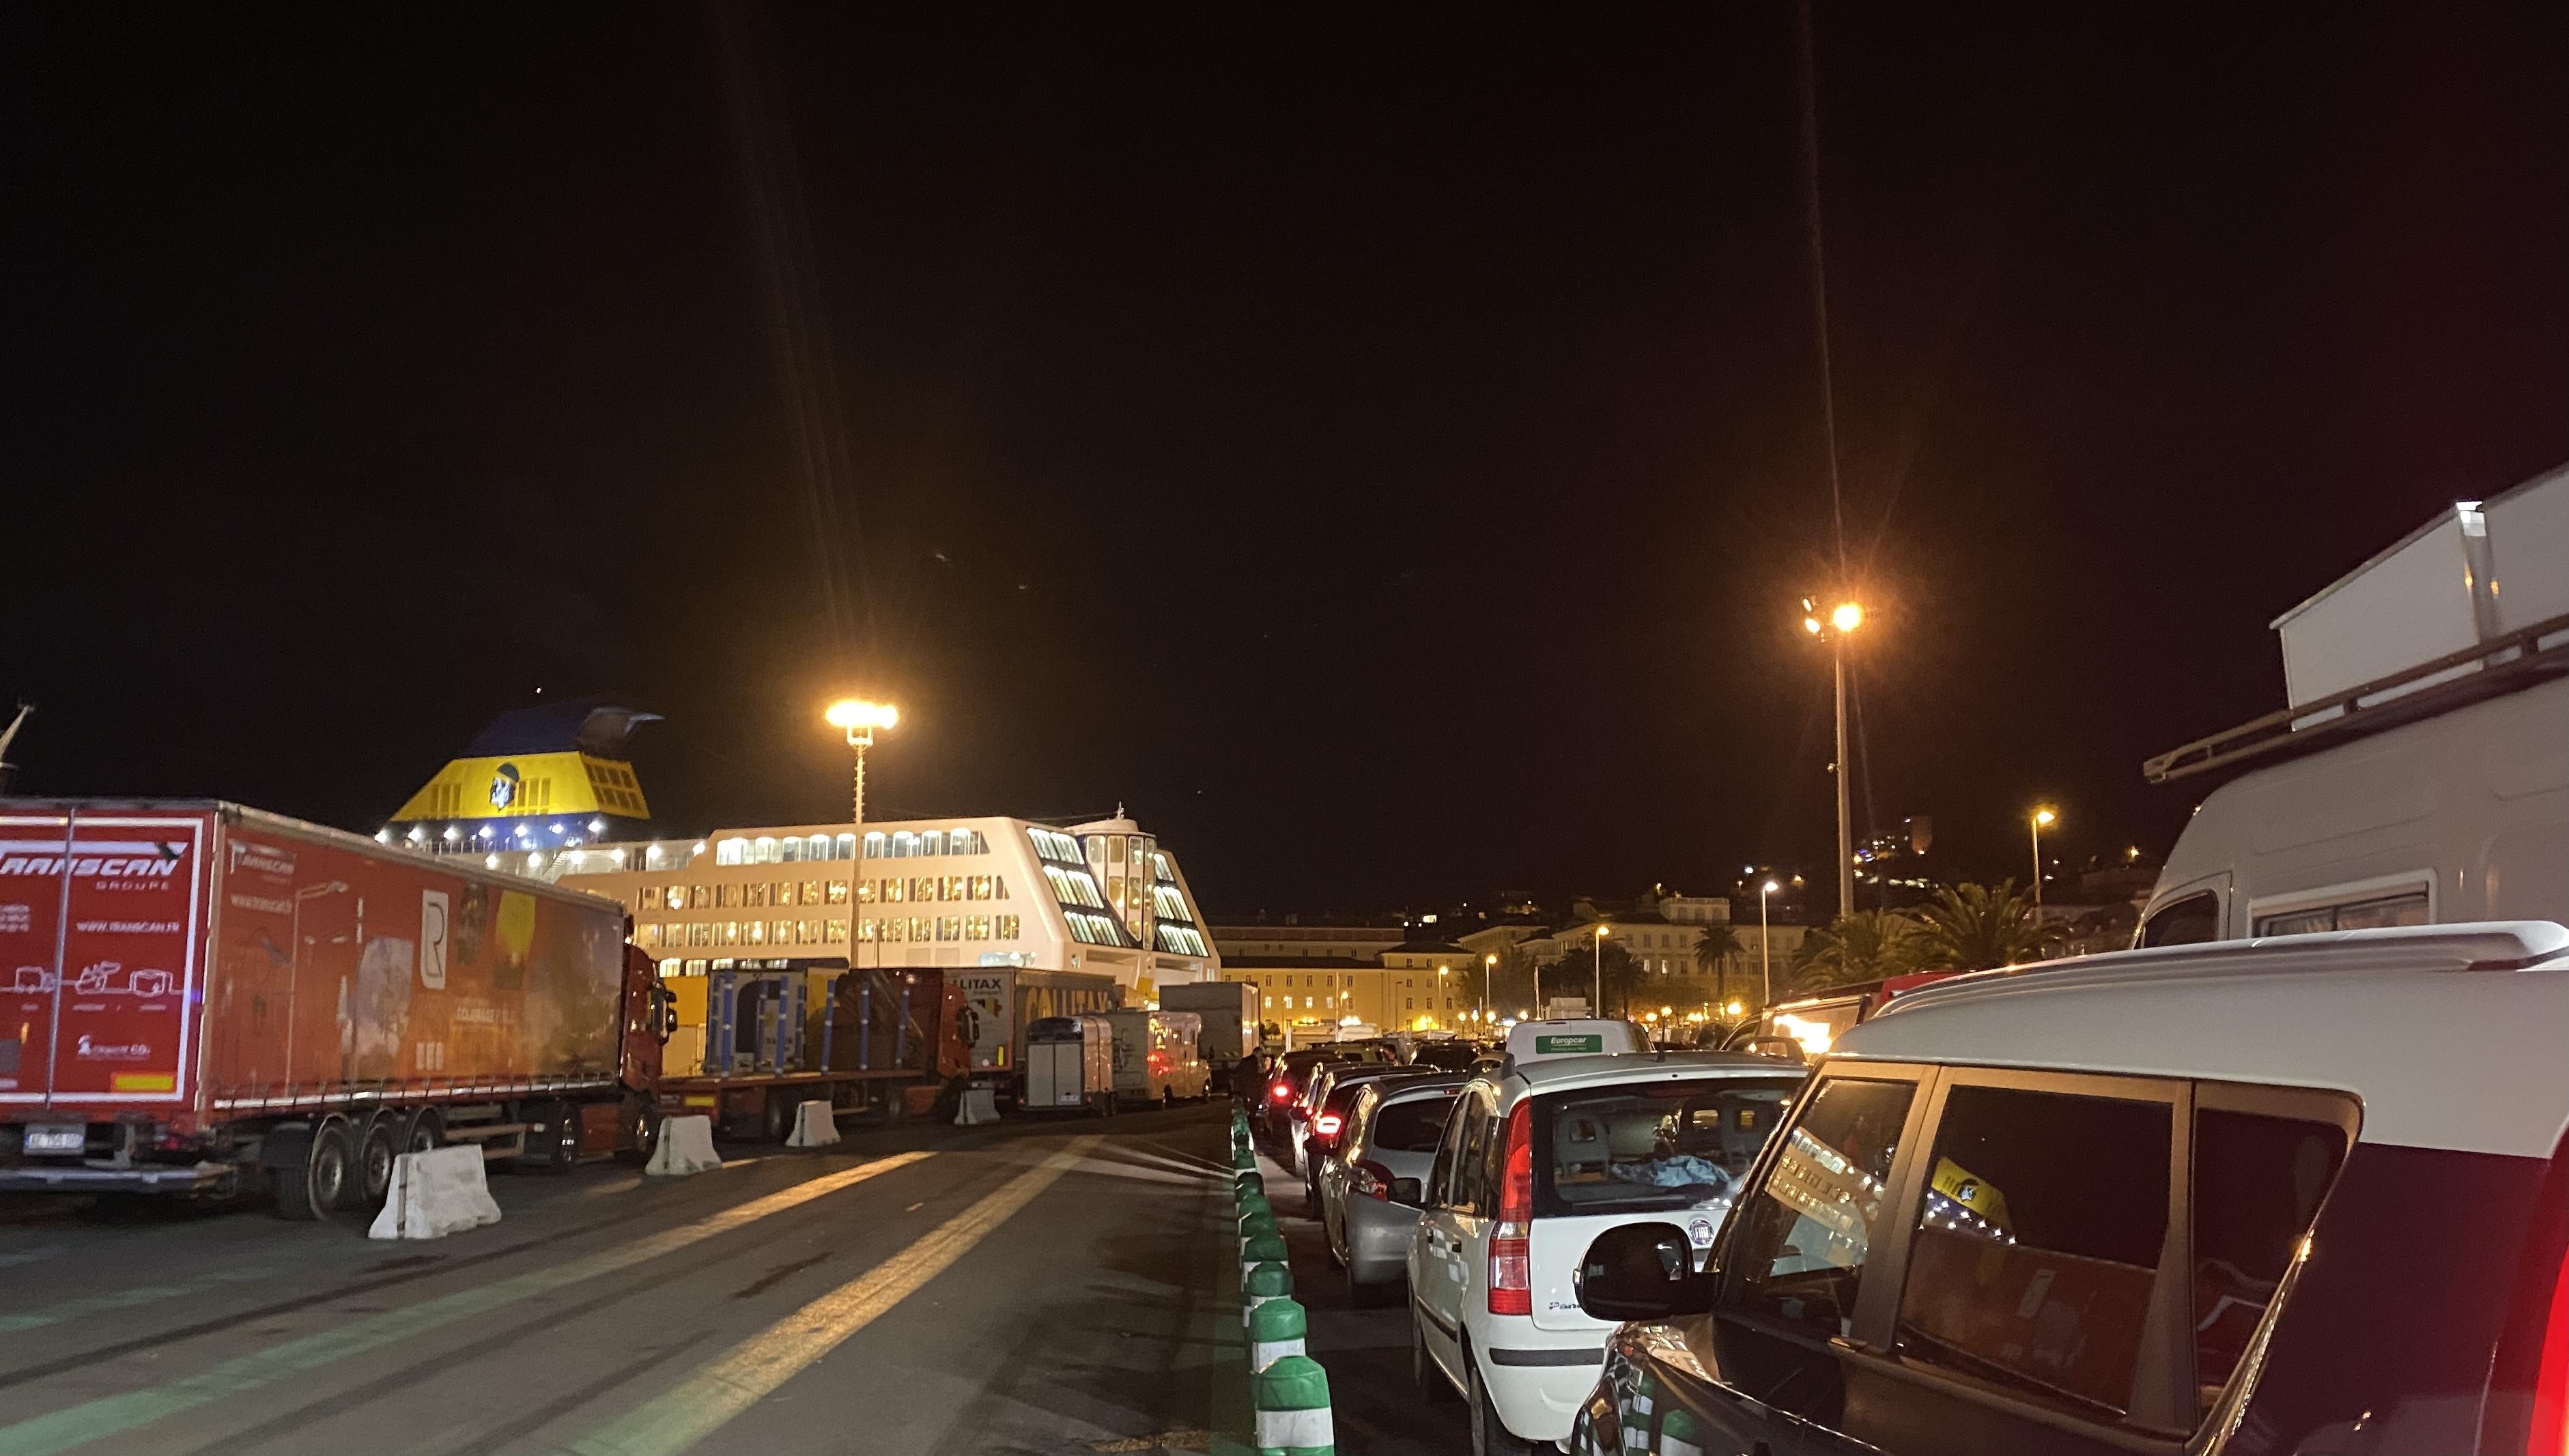 Test covid obligatoire entre la Corse et l'Italie : les contrôles sont-ils vraiment en place ?